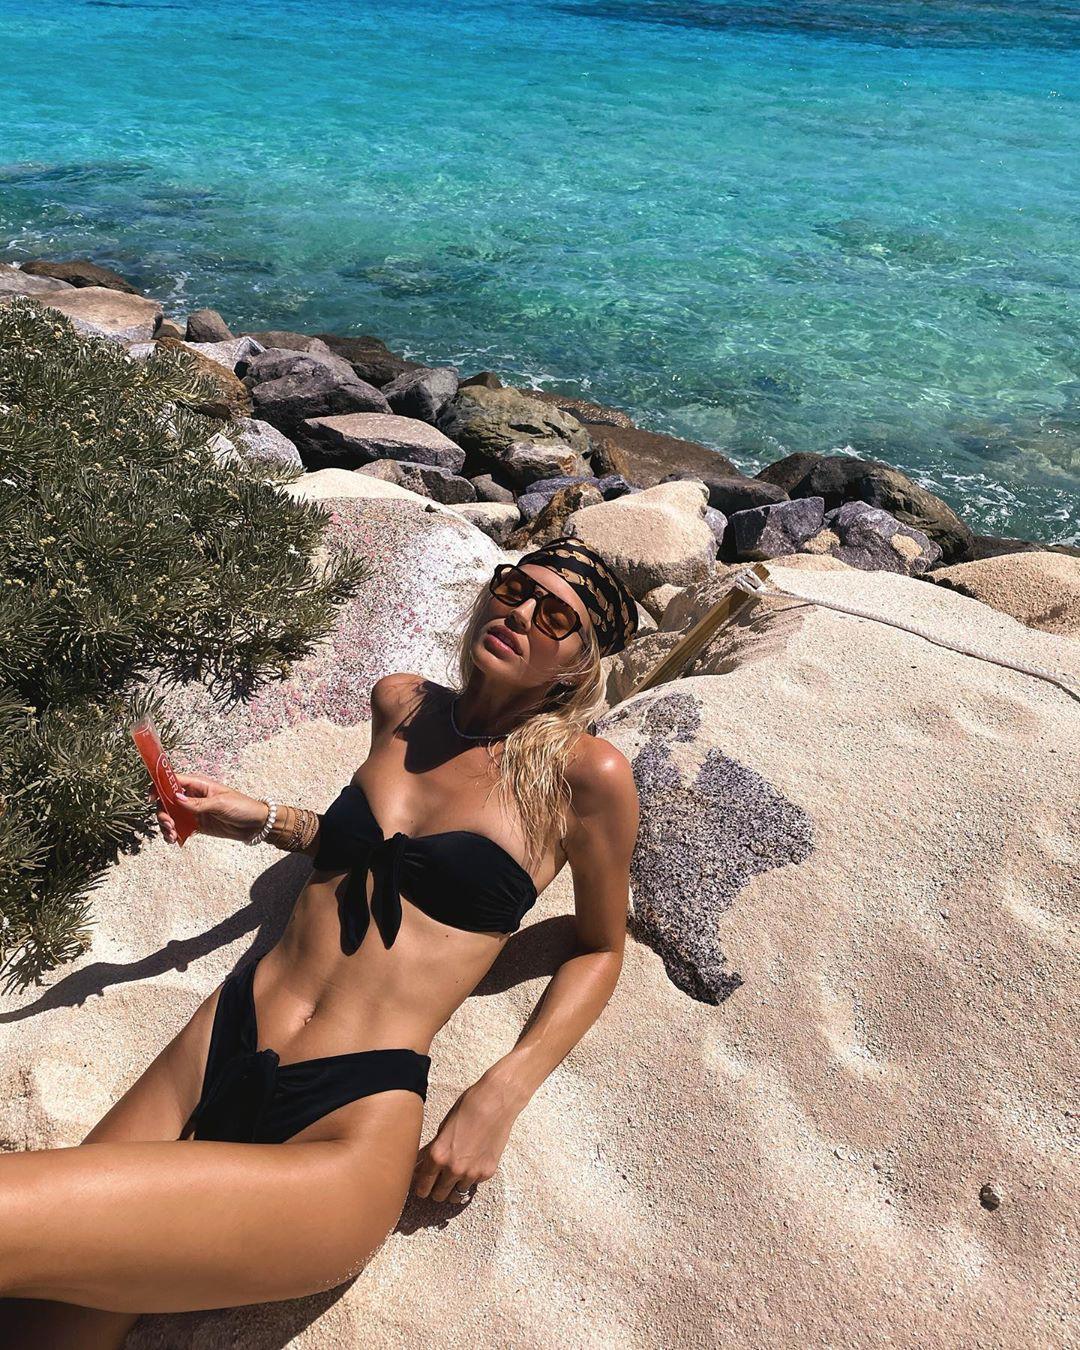 Devon Windsor sexy photo in lingerie, hot bikini models swimwear dresses ideas